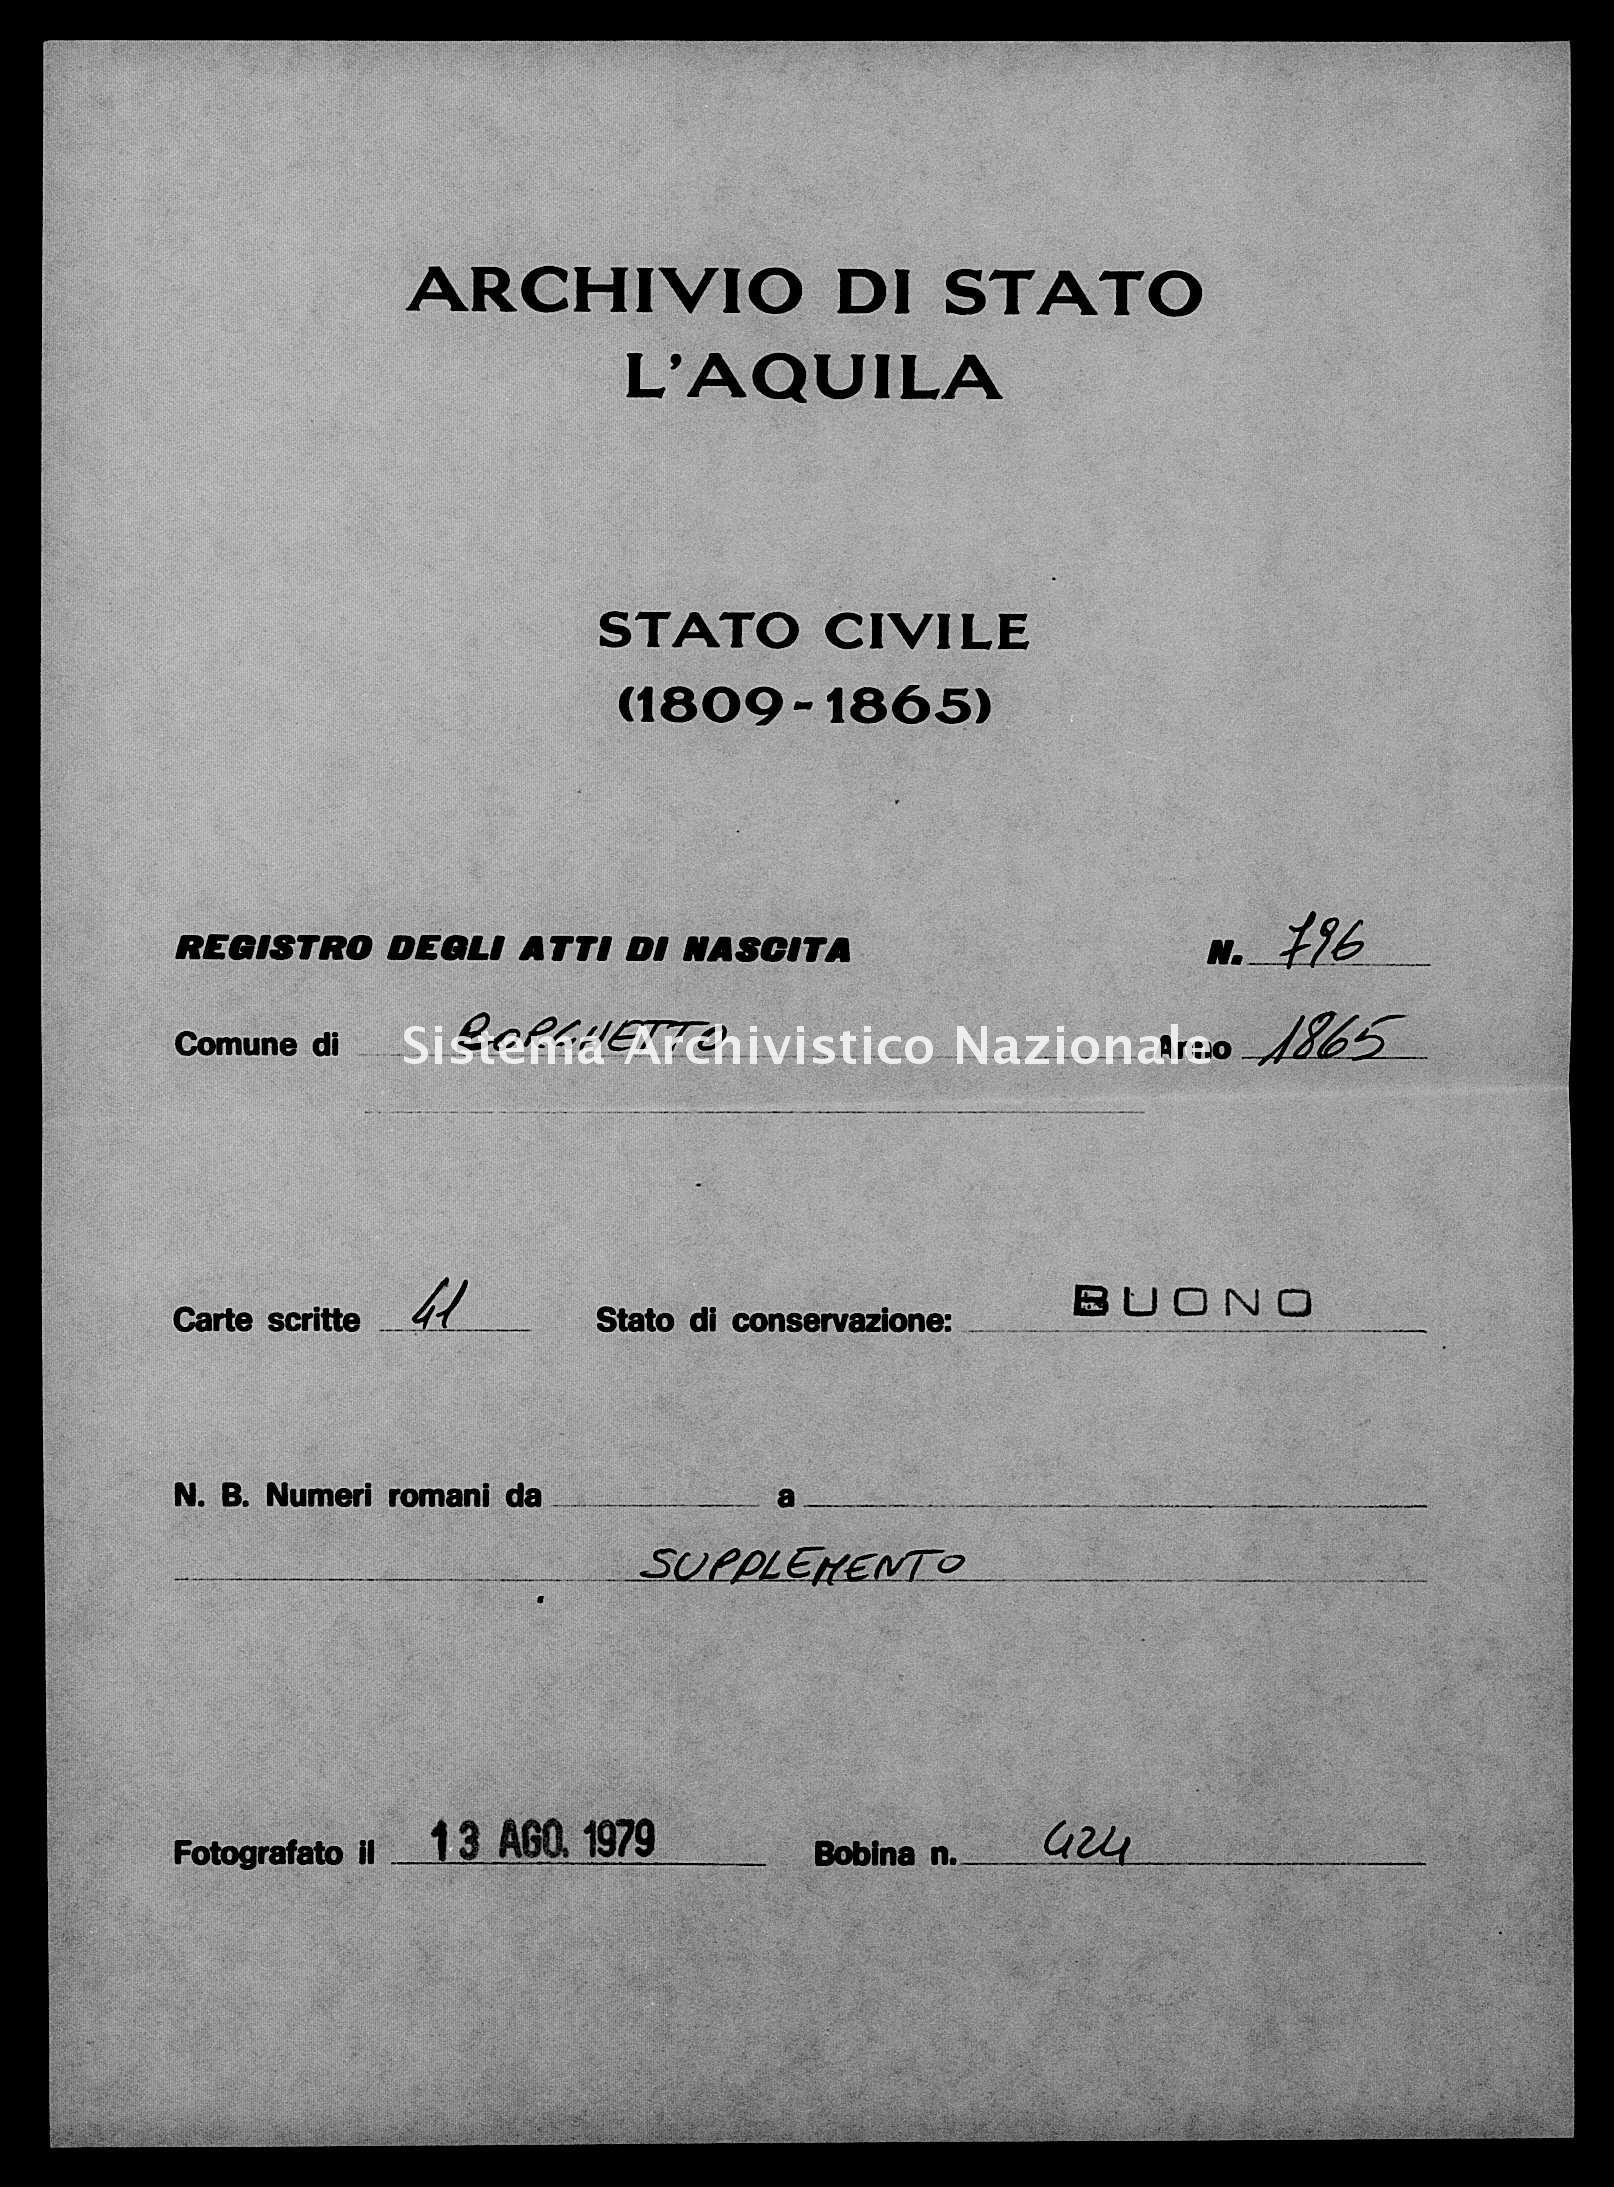 Archivio di stato di L'aquila - Stato civile italiano - Borgo Velino - Nati, battesimi - 1865 - 796 -